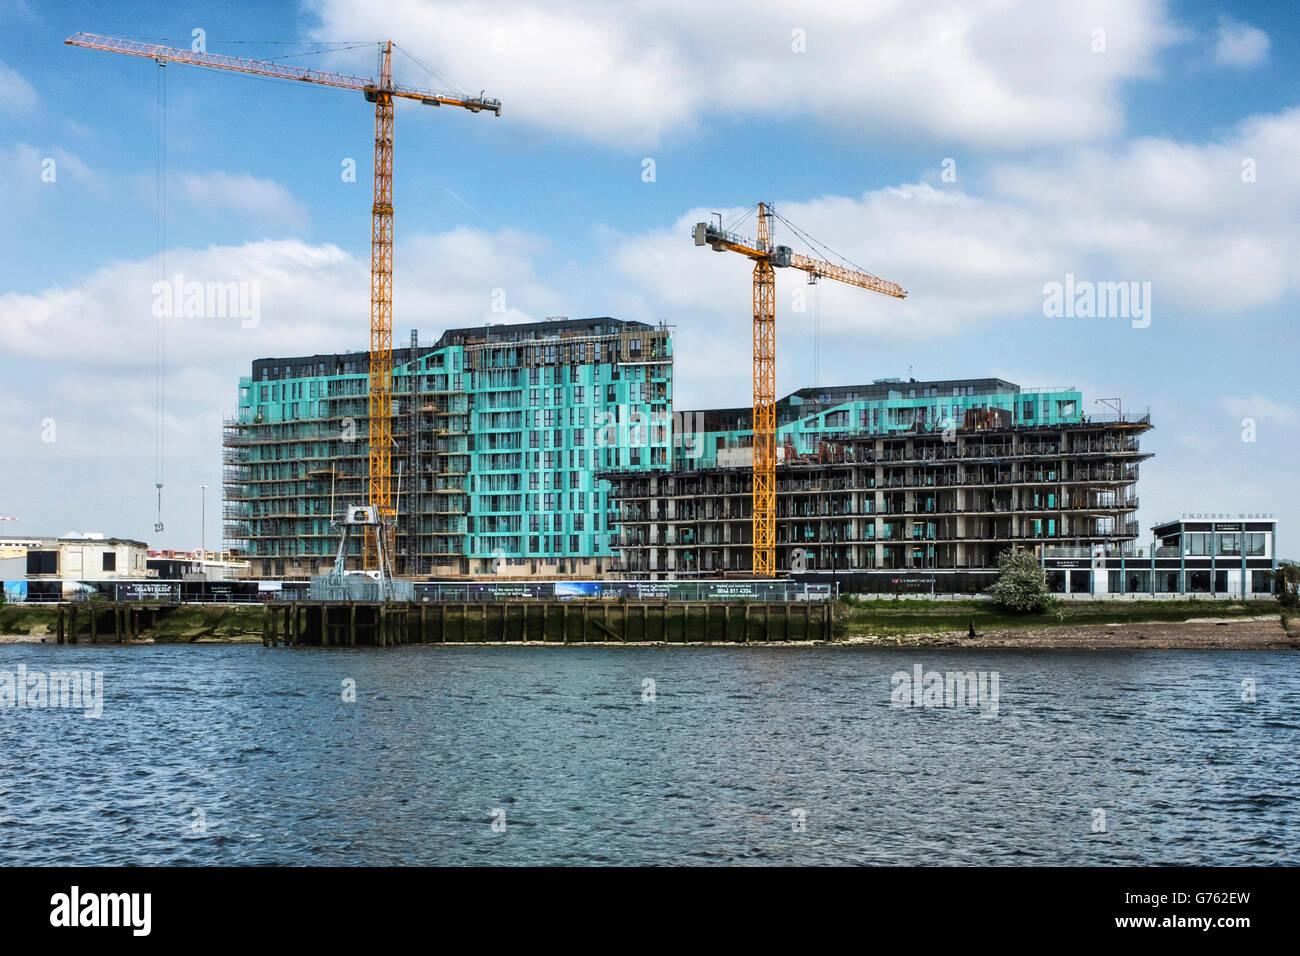 Barratt's Enderby Wharf développement d'appartements de luxe et de Croisière terminal. Greenwich, Londres Banque D'Images